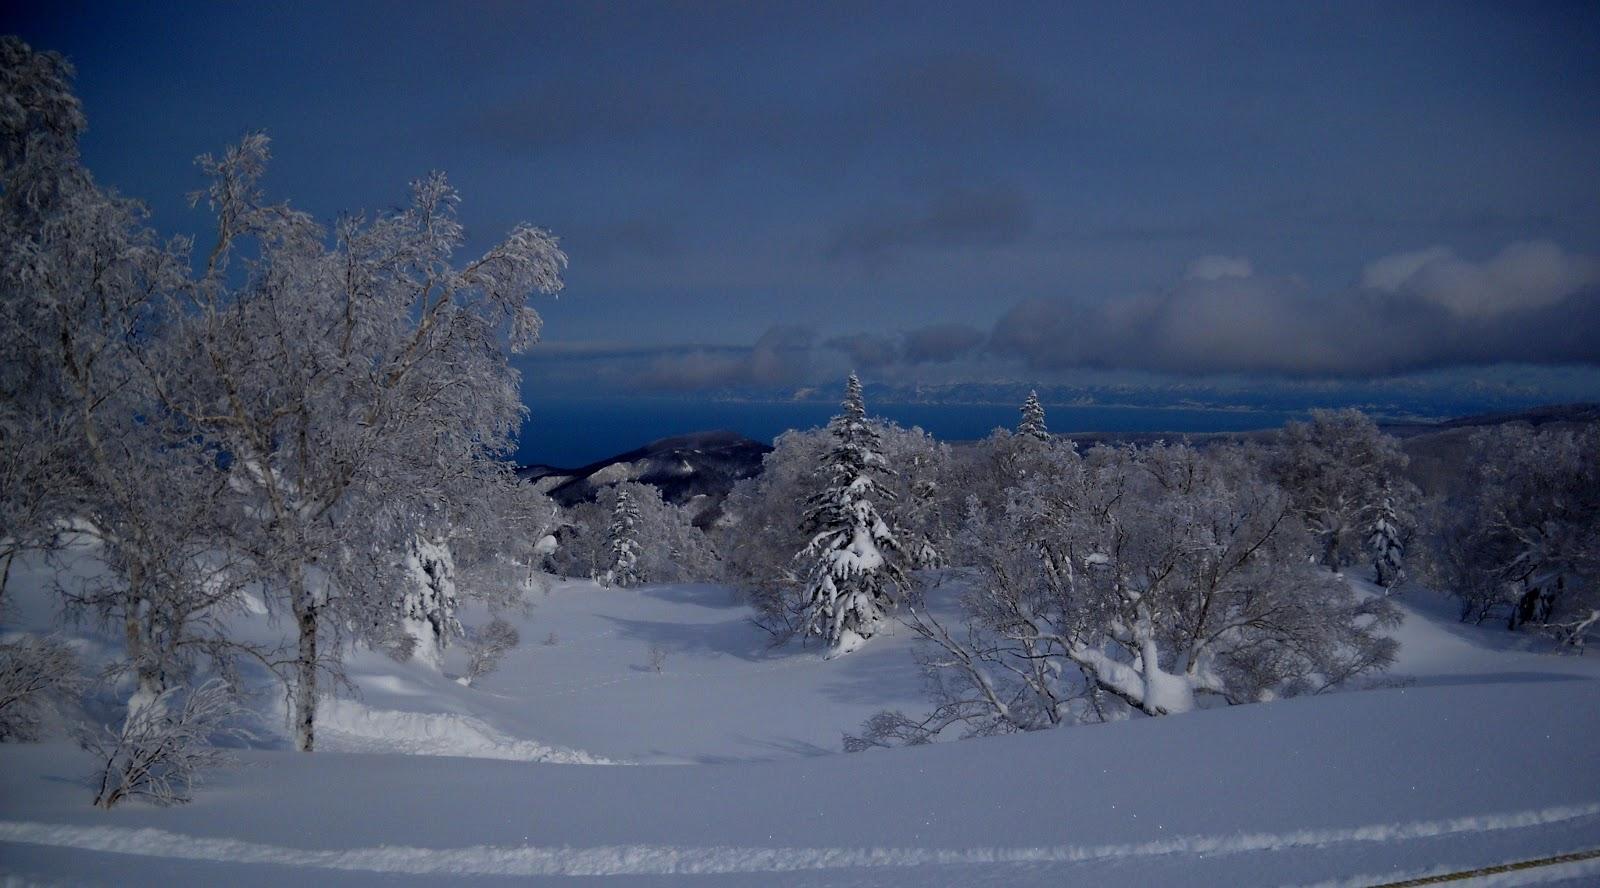 Wings 'n Things: Hokkaido snow, 北海道 の 雪